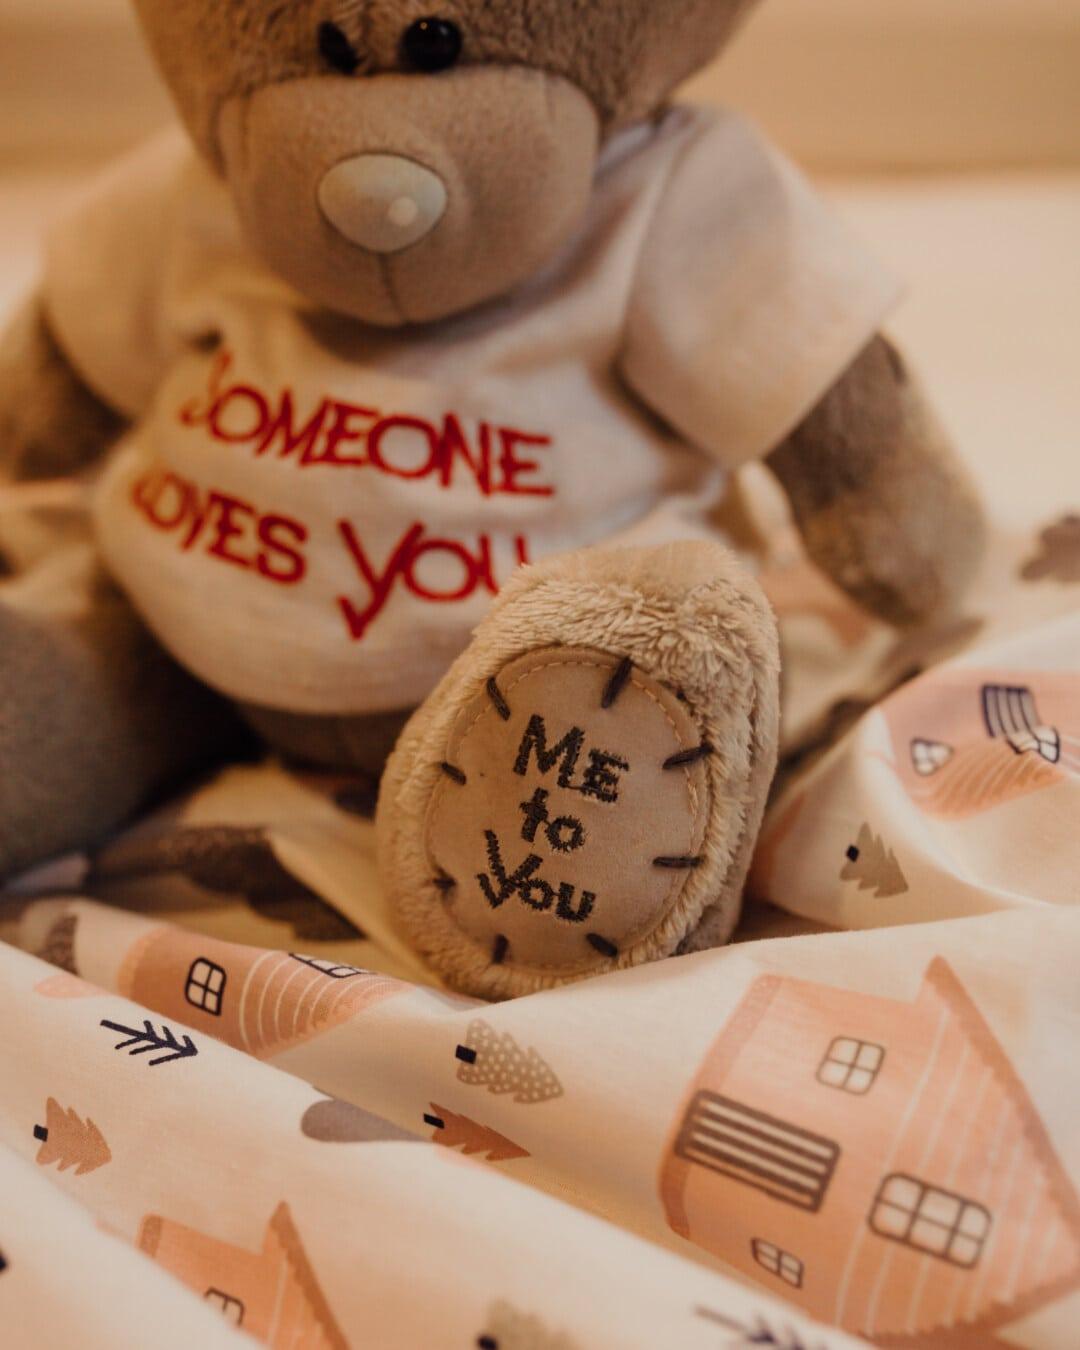 nallebjörn leksak, leksak, plysch, text, meddelande, filt, inomhus, handgjorda, traditionella, brun